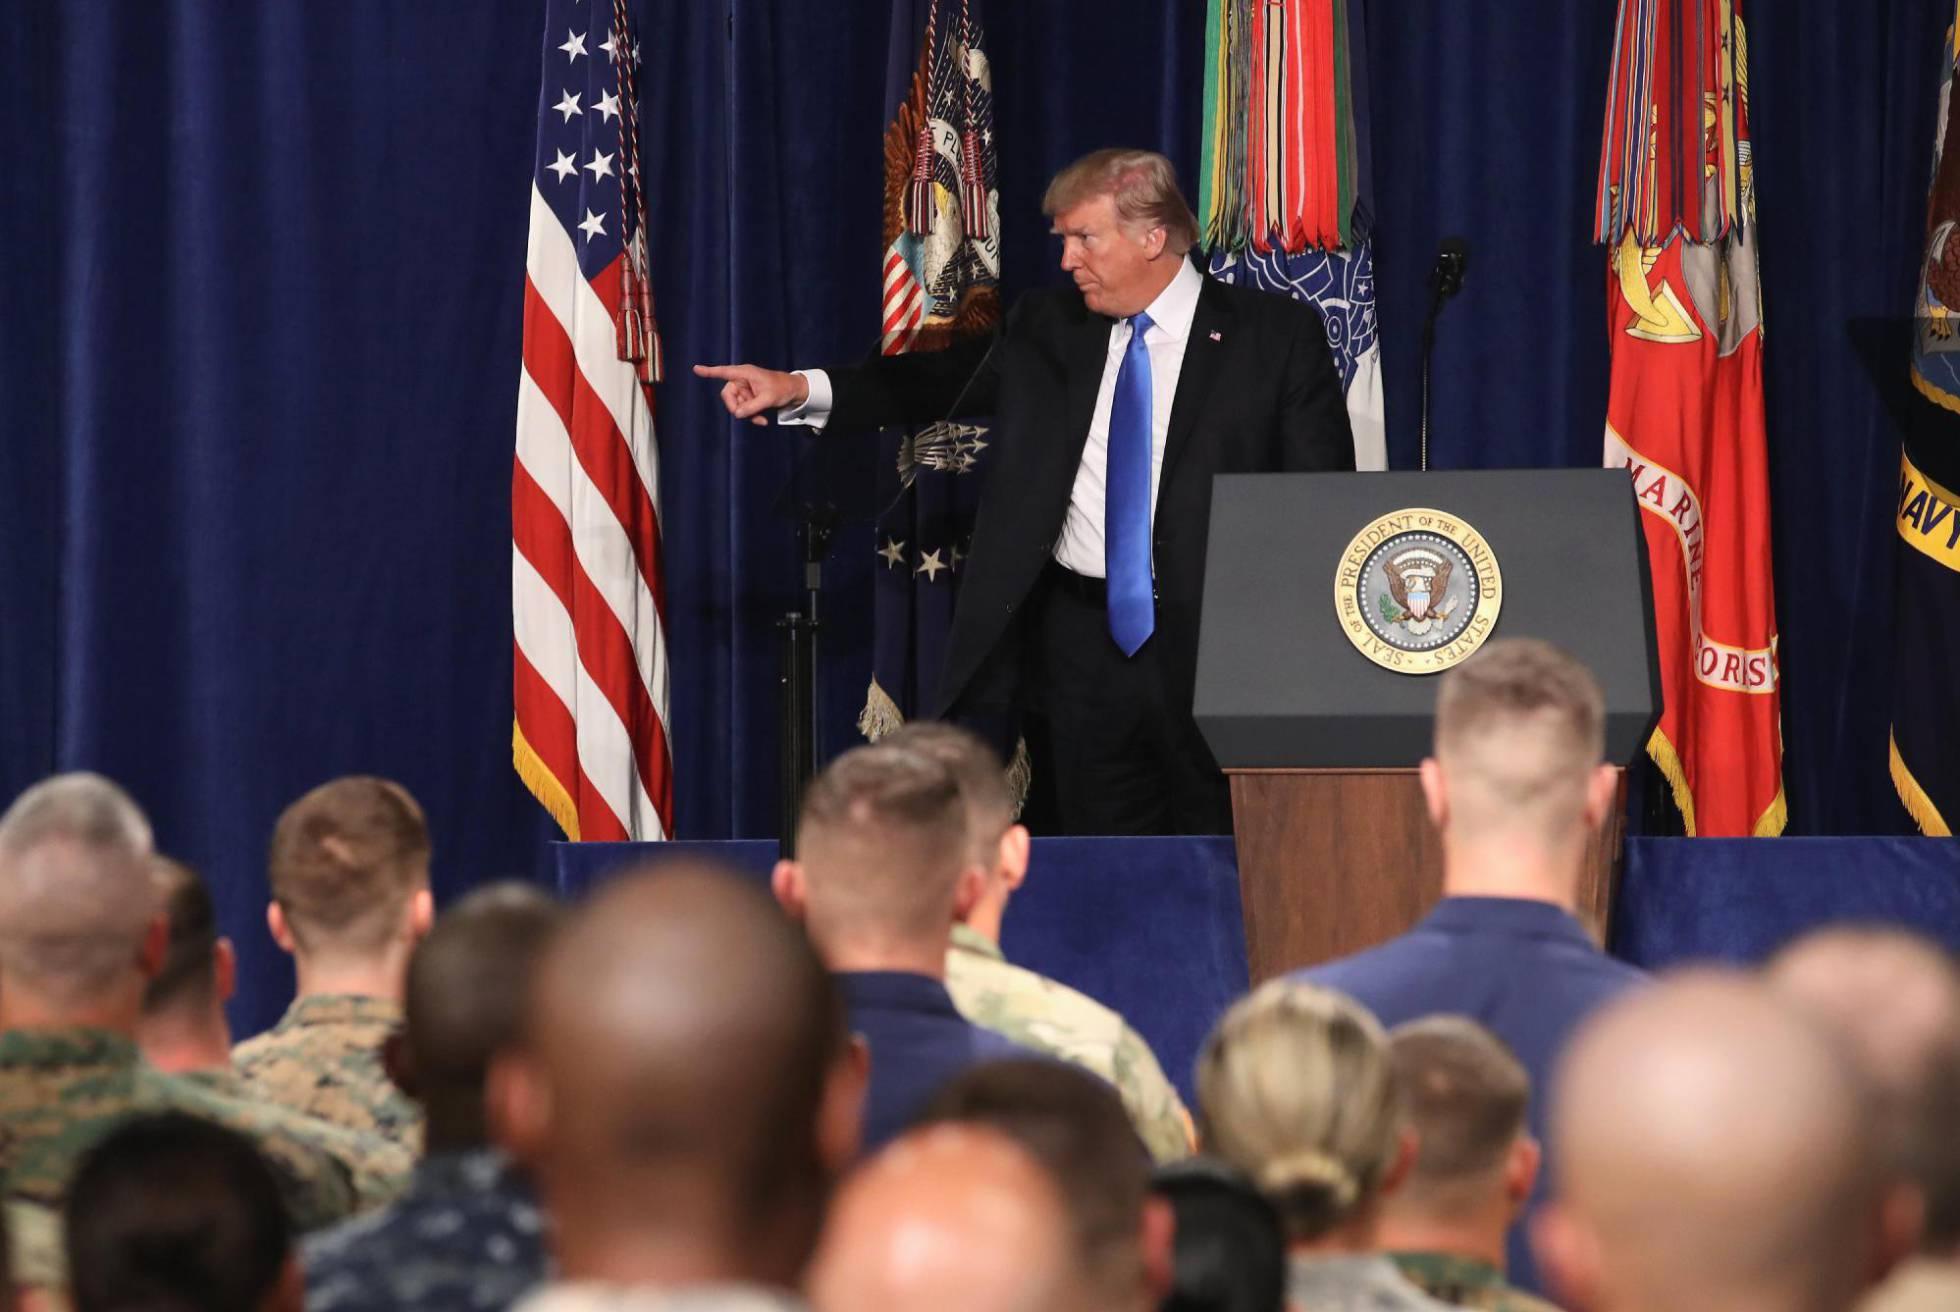 Afganistán, la guerra de nunca acabar 1503428967_646600_1503429152_noticia_normal_recorte1